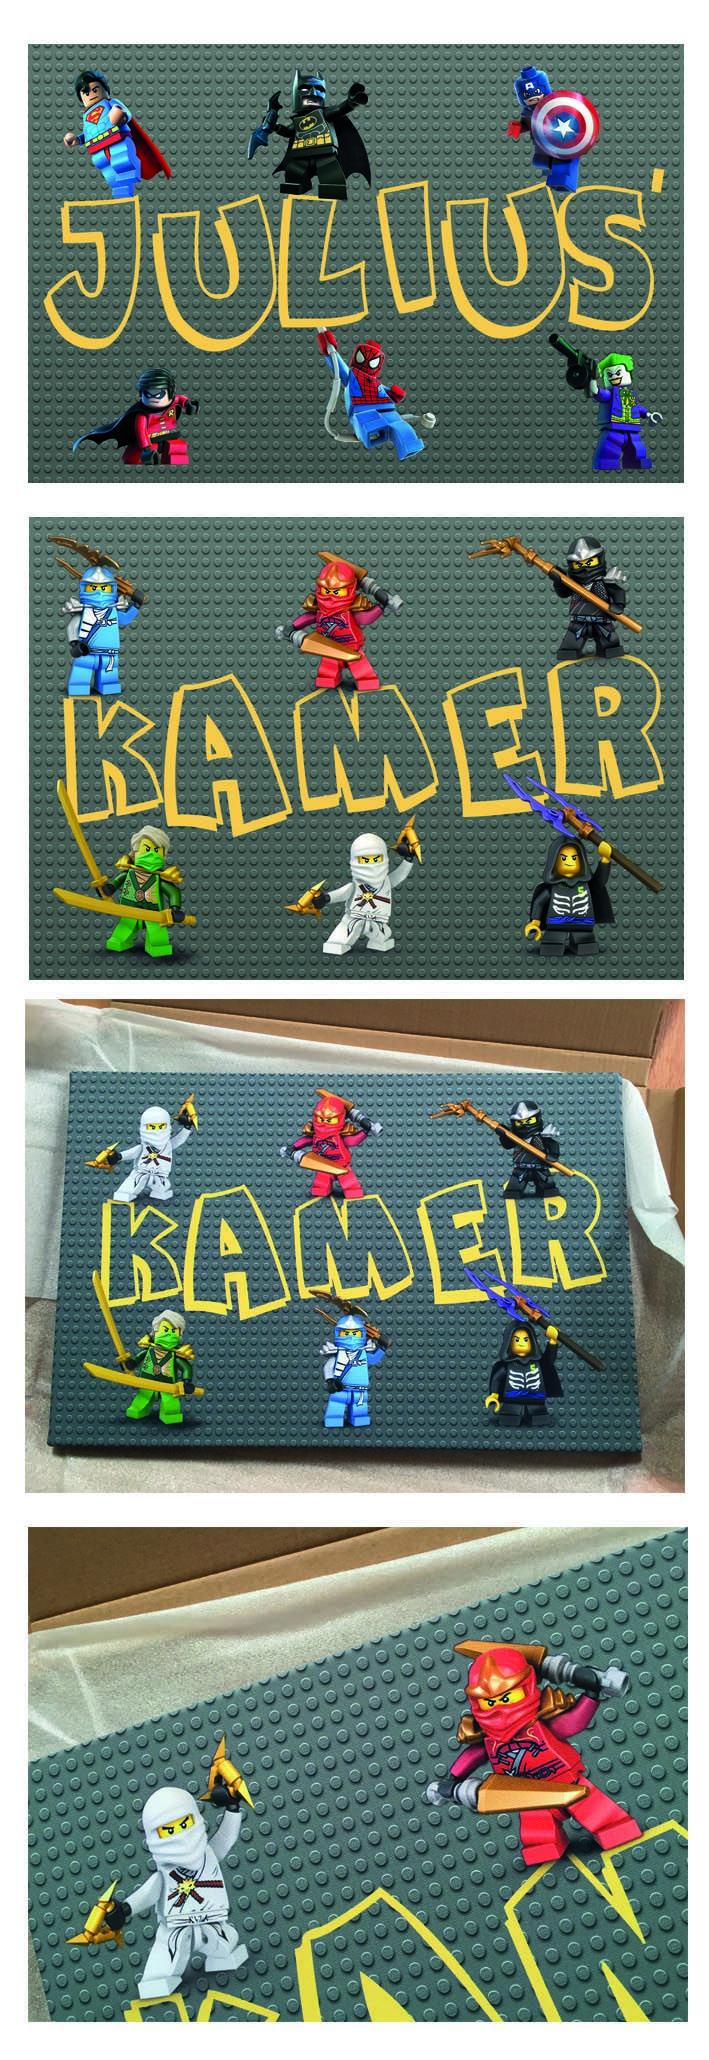 Muurdecoratie - jongenskamer - lego ninjago - lego superhelden - op canvas - eigen naam - ook te verkrijgen in minions of frozen - verschillende afmetingen - ontwerp en prijs op aanvraag - info@kantenclaar.com